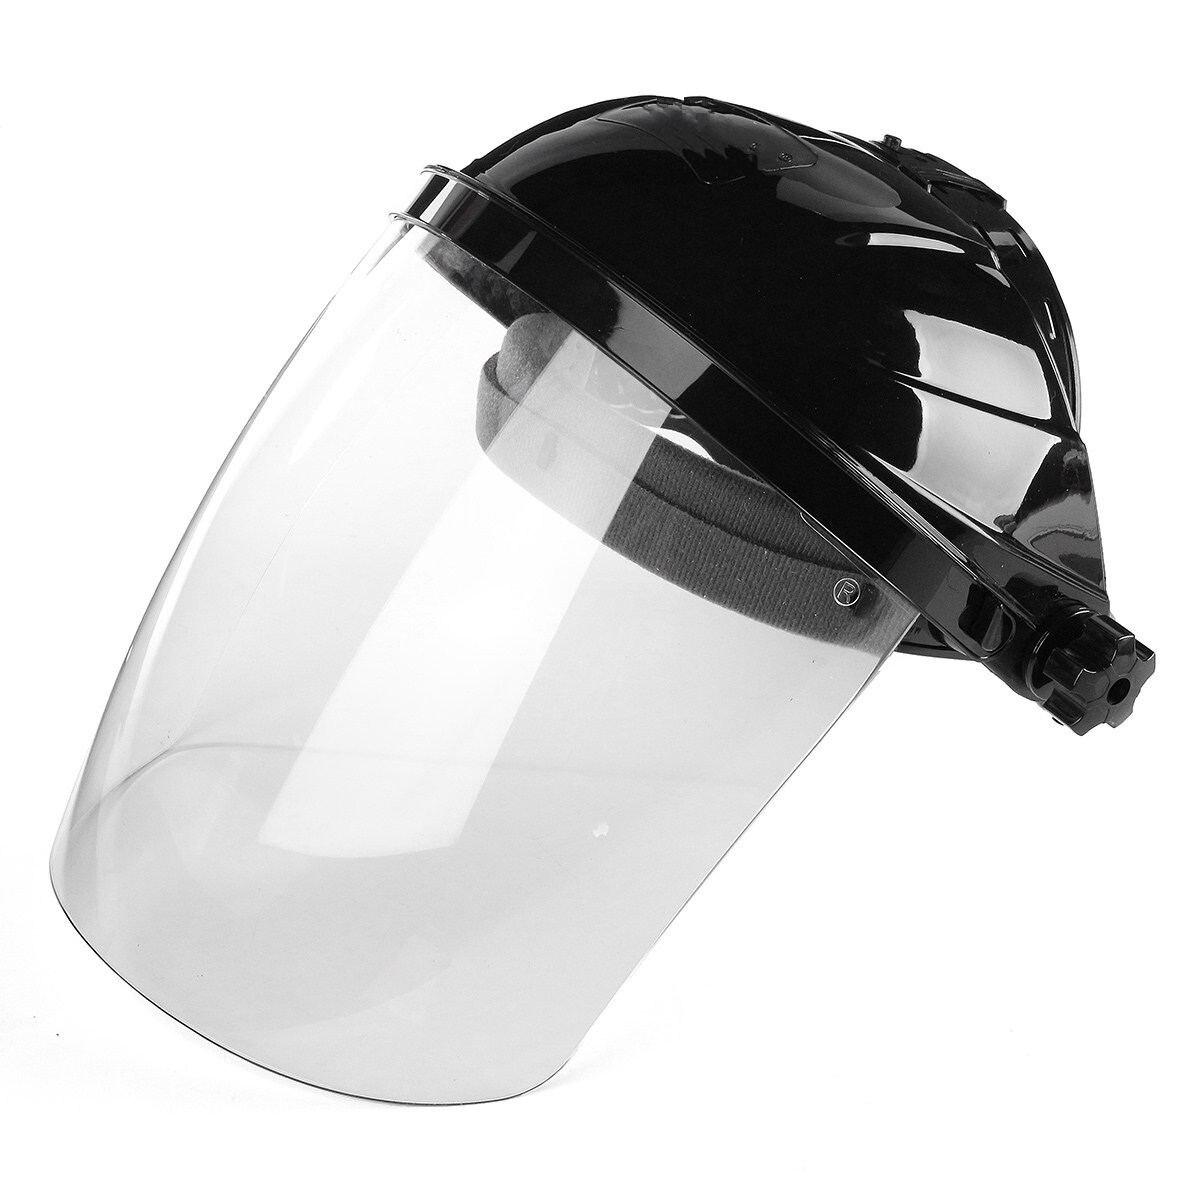 Neue Transparente Linse Anti-shock Schweißhelm Gesichtsschutz Lötstopplack Gesicht Auge Schützen Schild Anti-shock